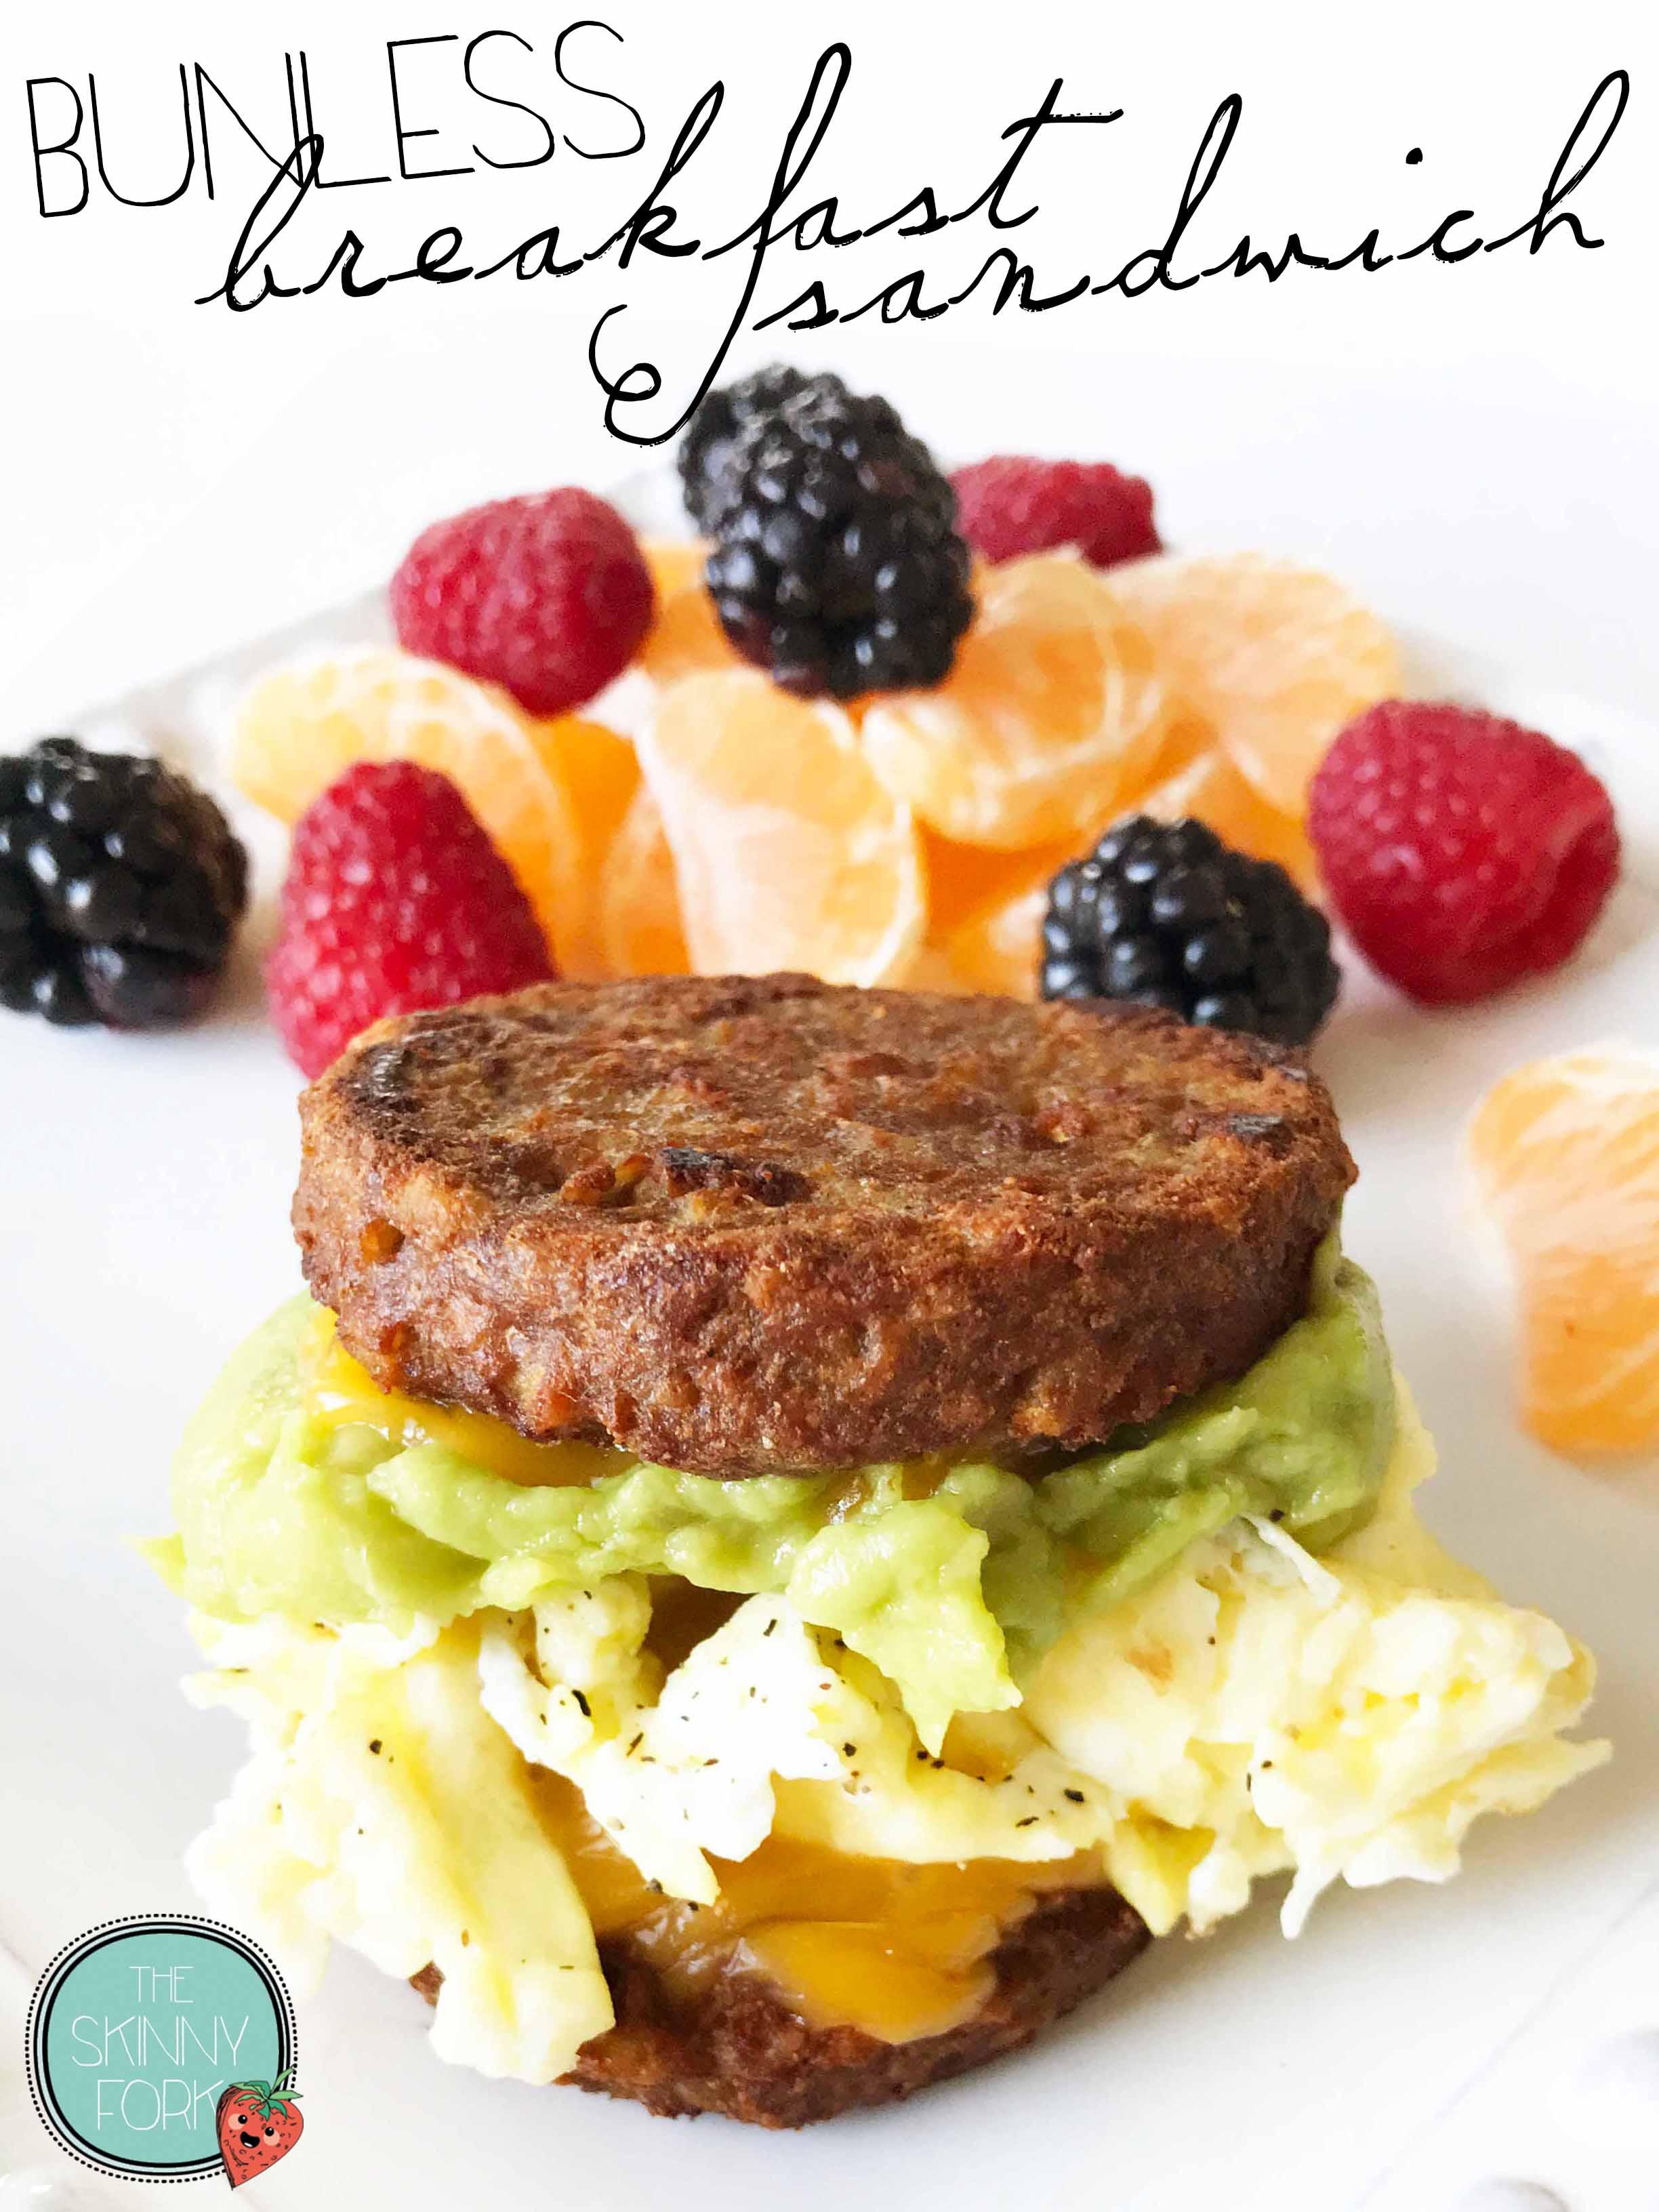 low-carb-breakfast-sandwich-pin.jpg